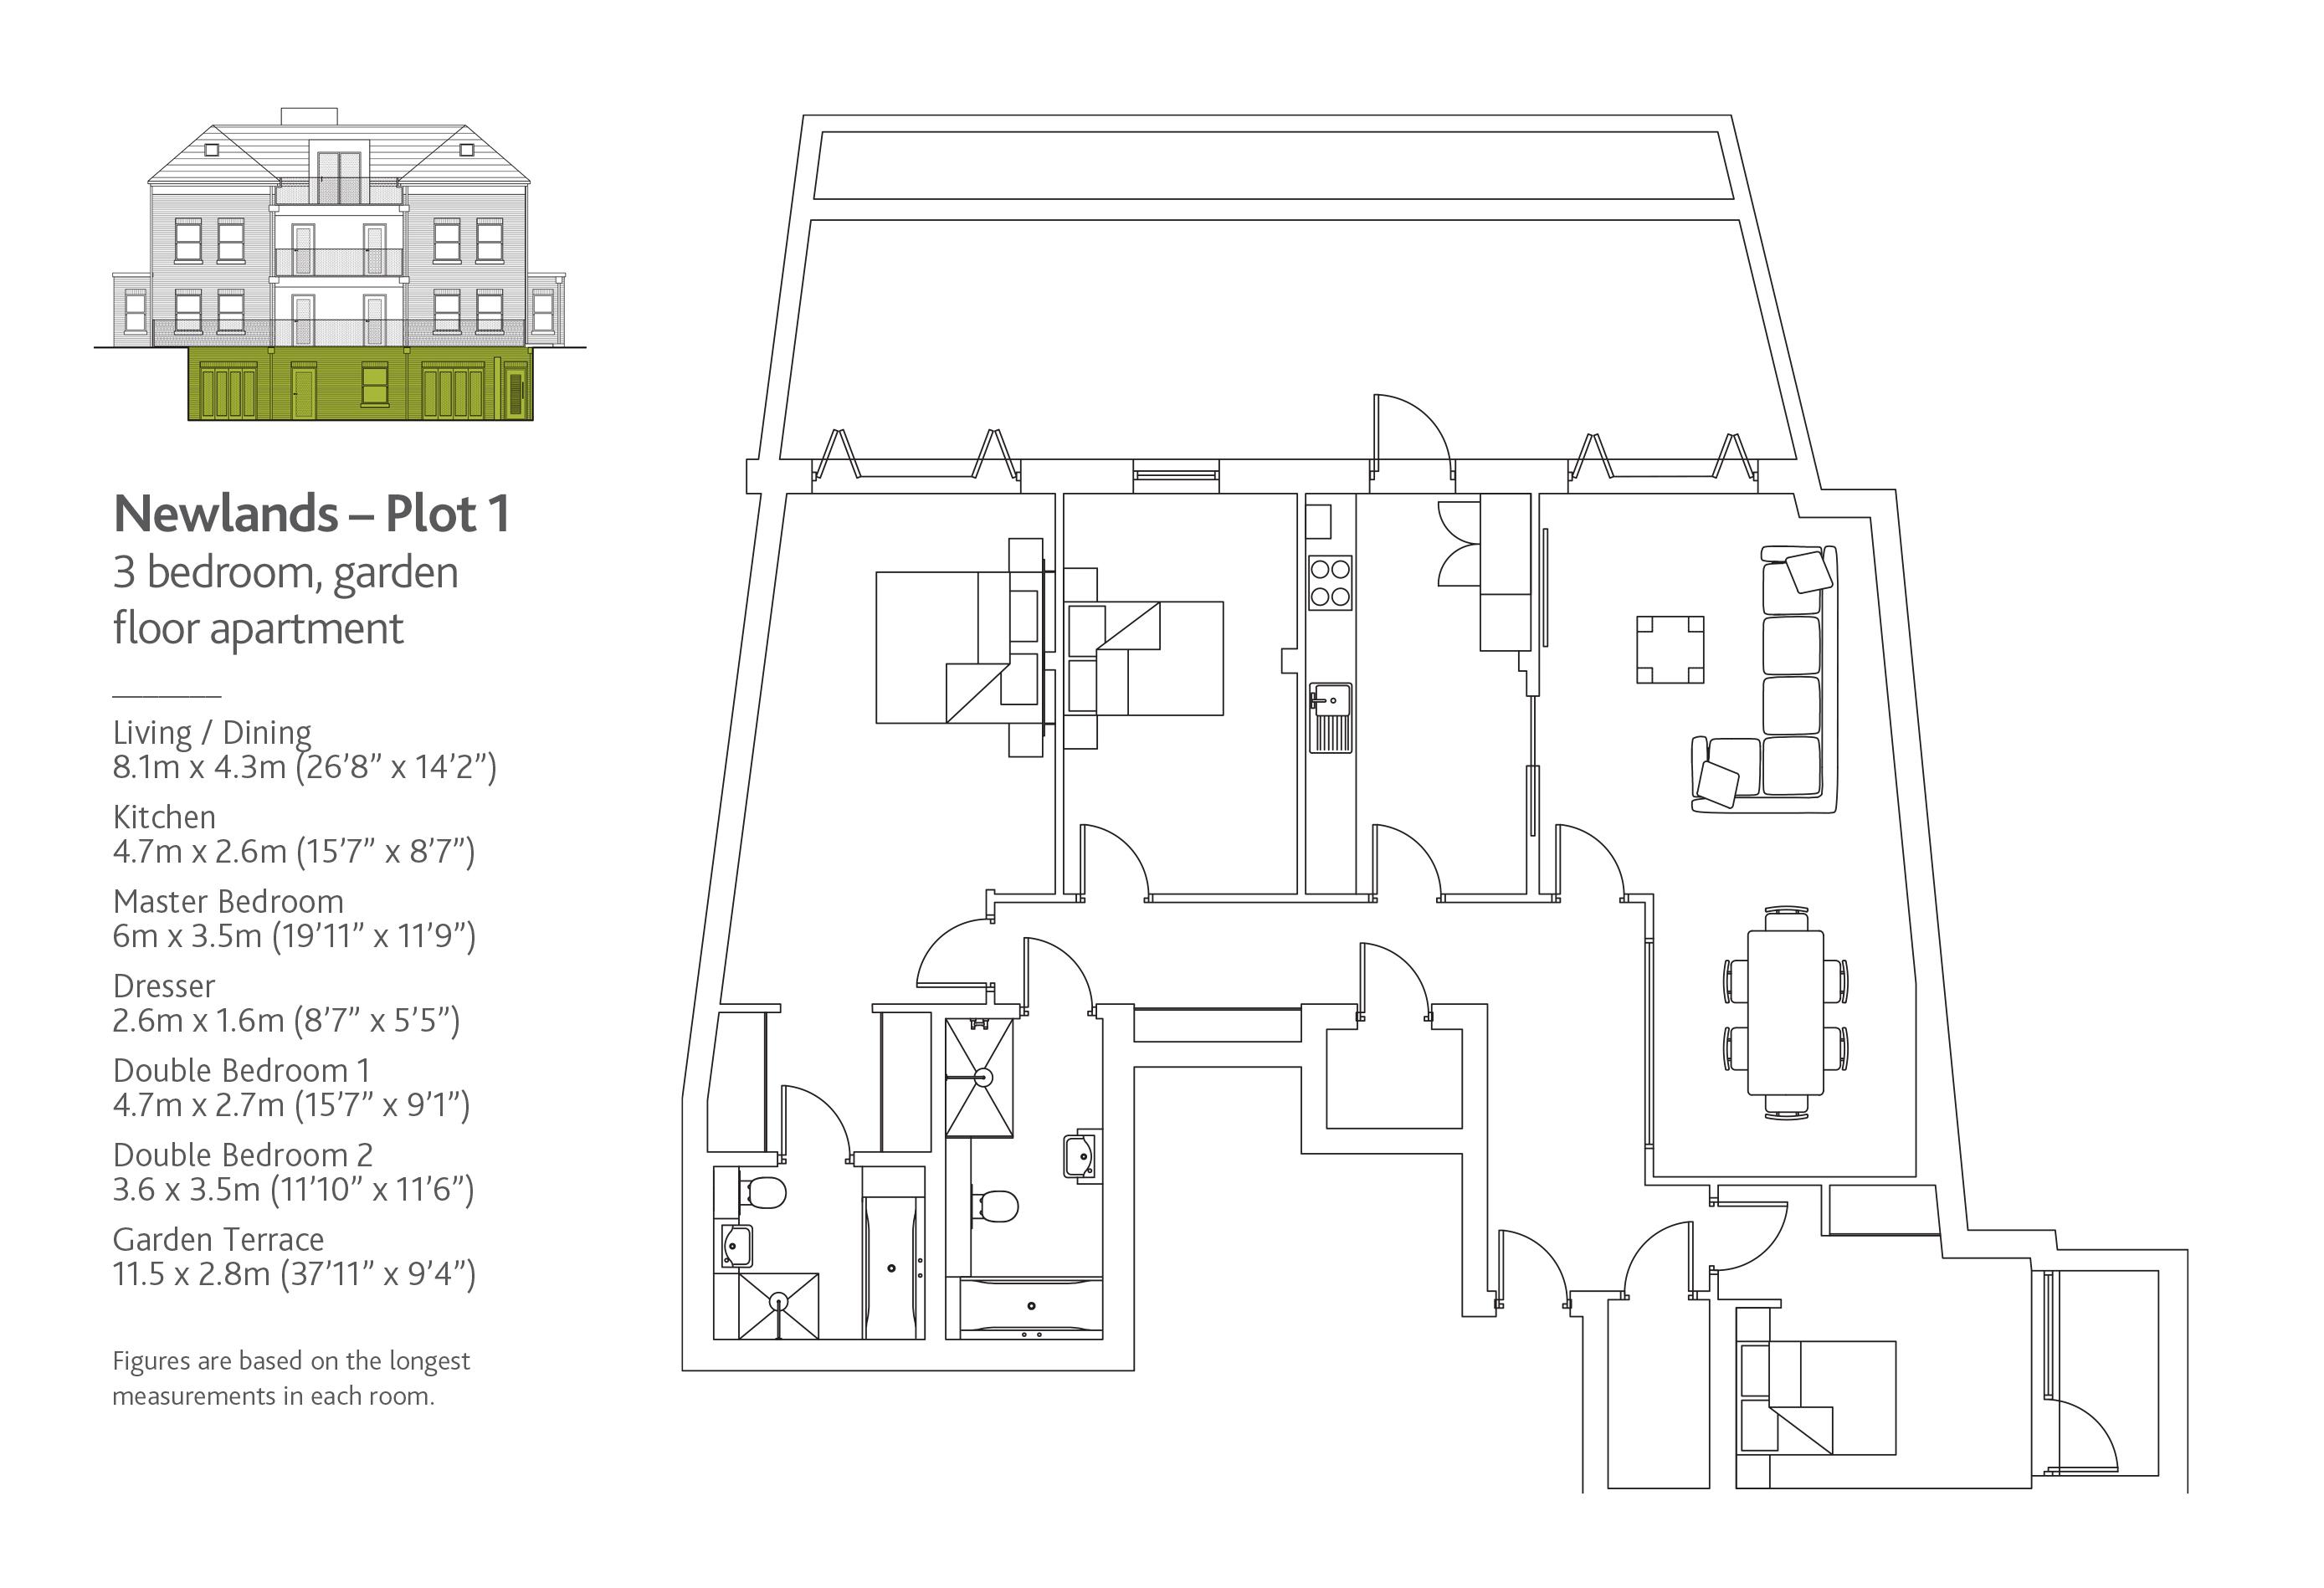 plot 1  newlands house  tenterden grove  london nw4  3